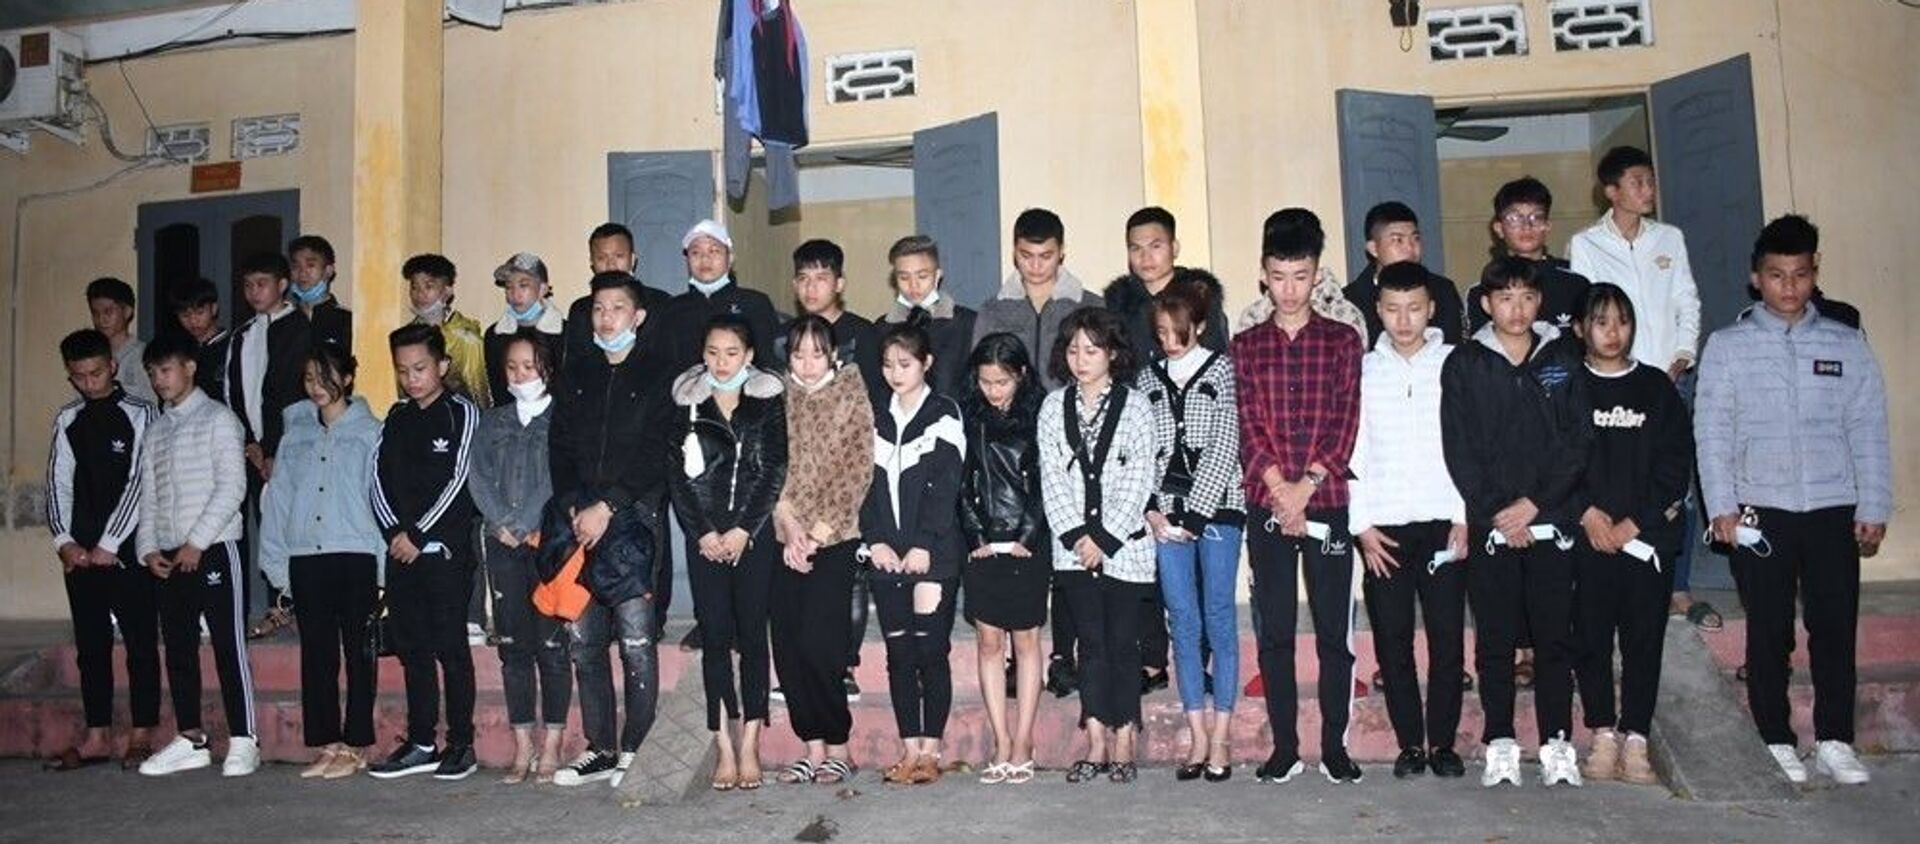 Các đối tượng vi phạm bị tạm giữ - Sputnik Việt Nam, 1920, 14.02.2021